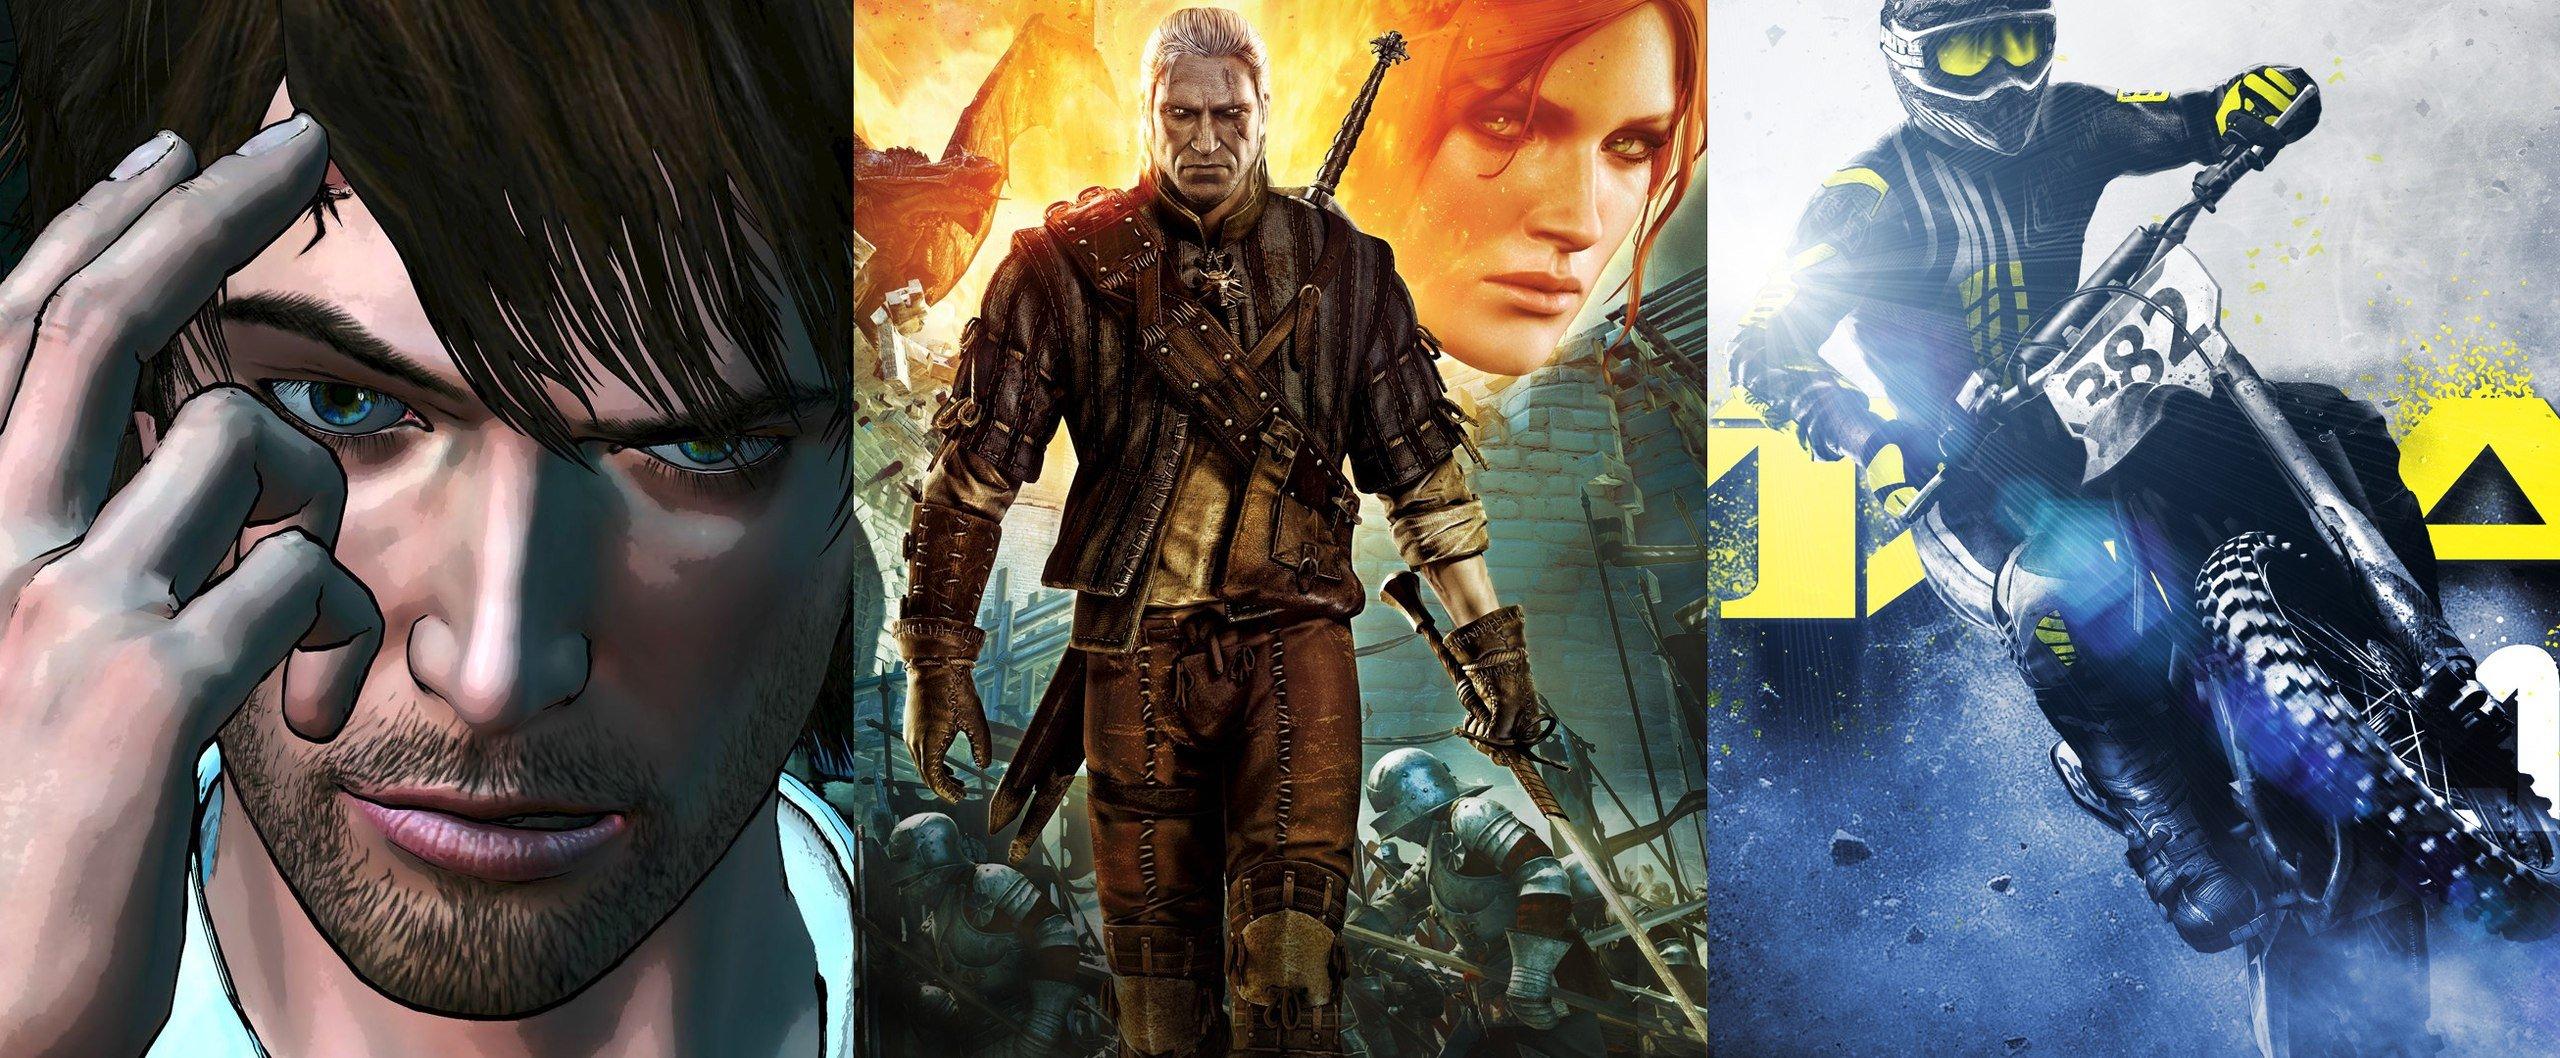 Бесплатные игры в январе в Xbox Live. - Изображение 1